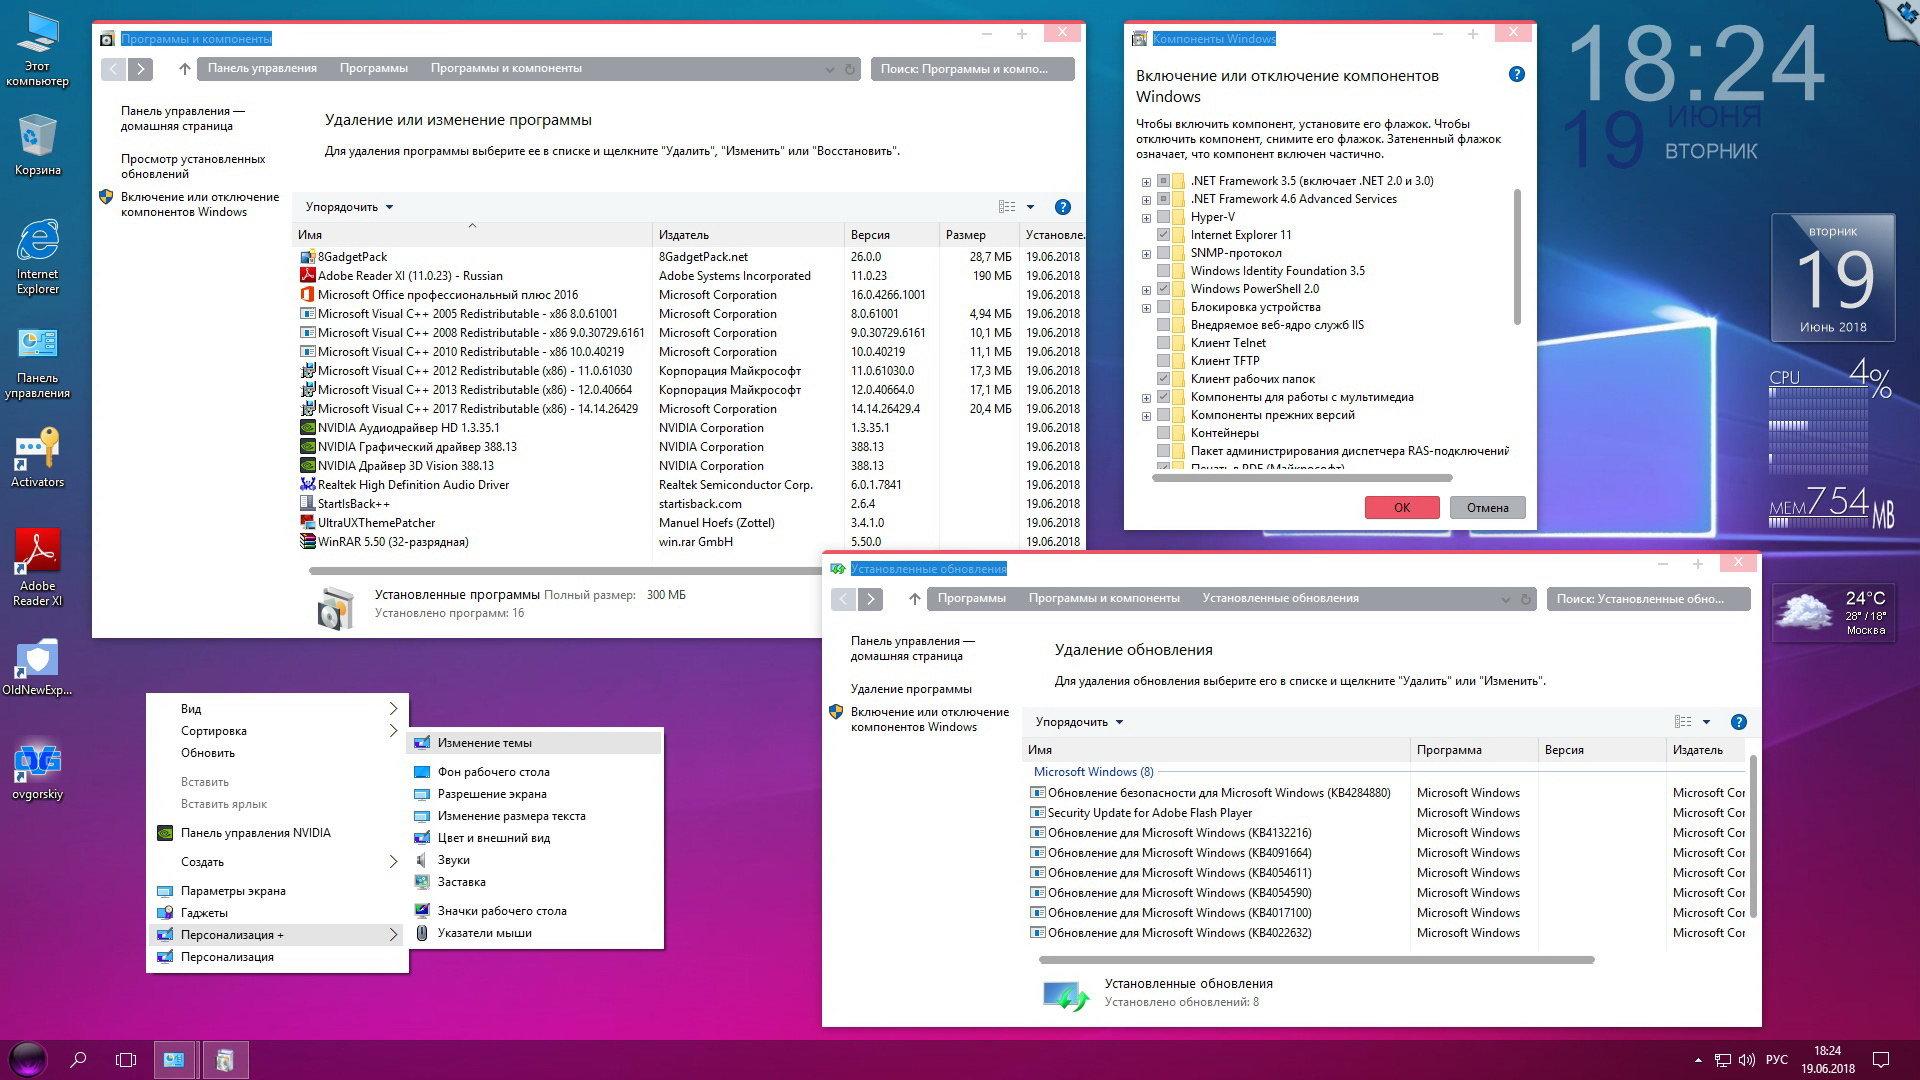 Microsoft® Windows 10 Enterprise [LTSB x86-x64 1607 RU Office16] [2DVD] (2018/PC/Русский), by OVGorskiy®